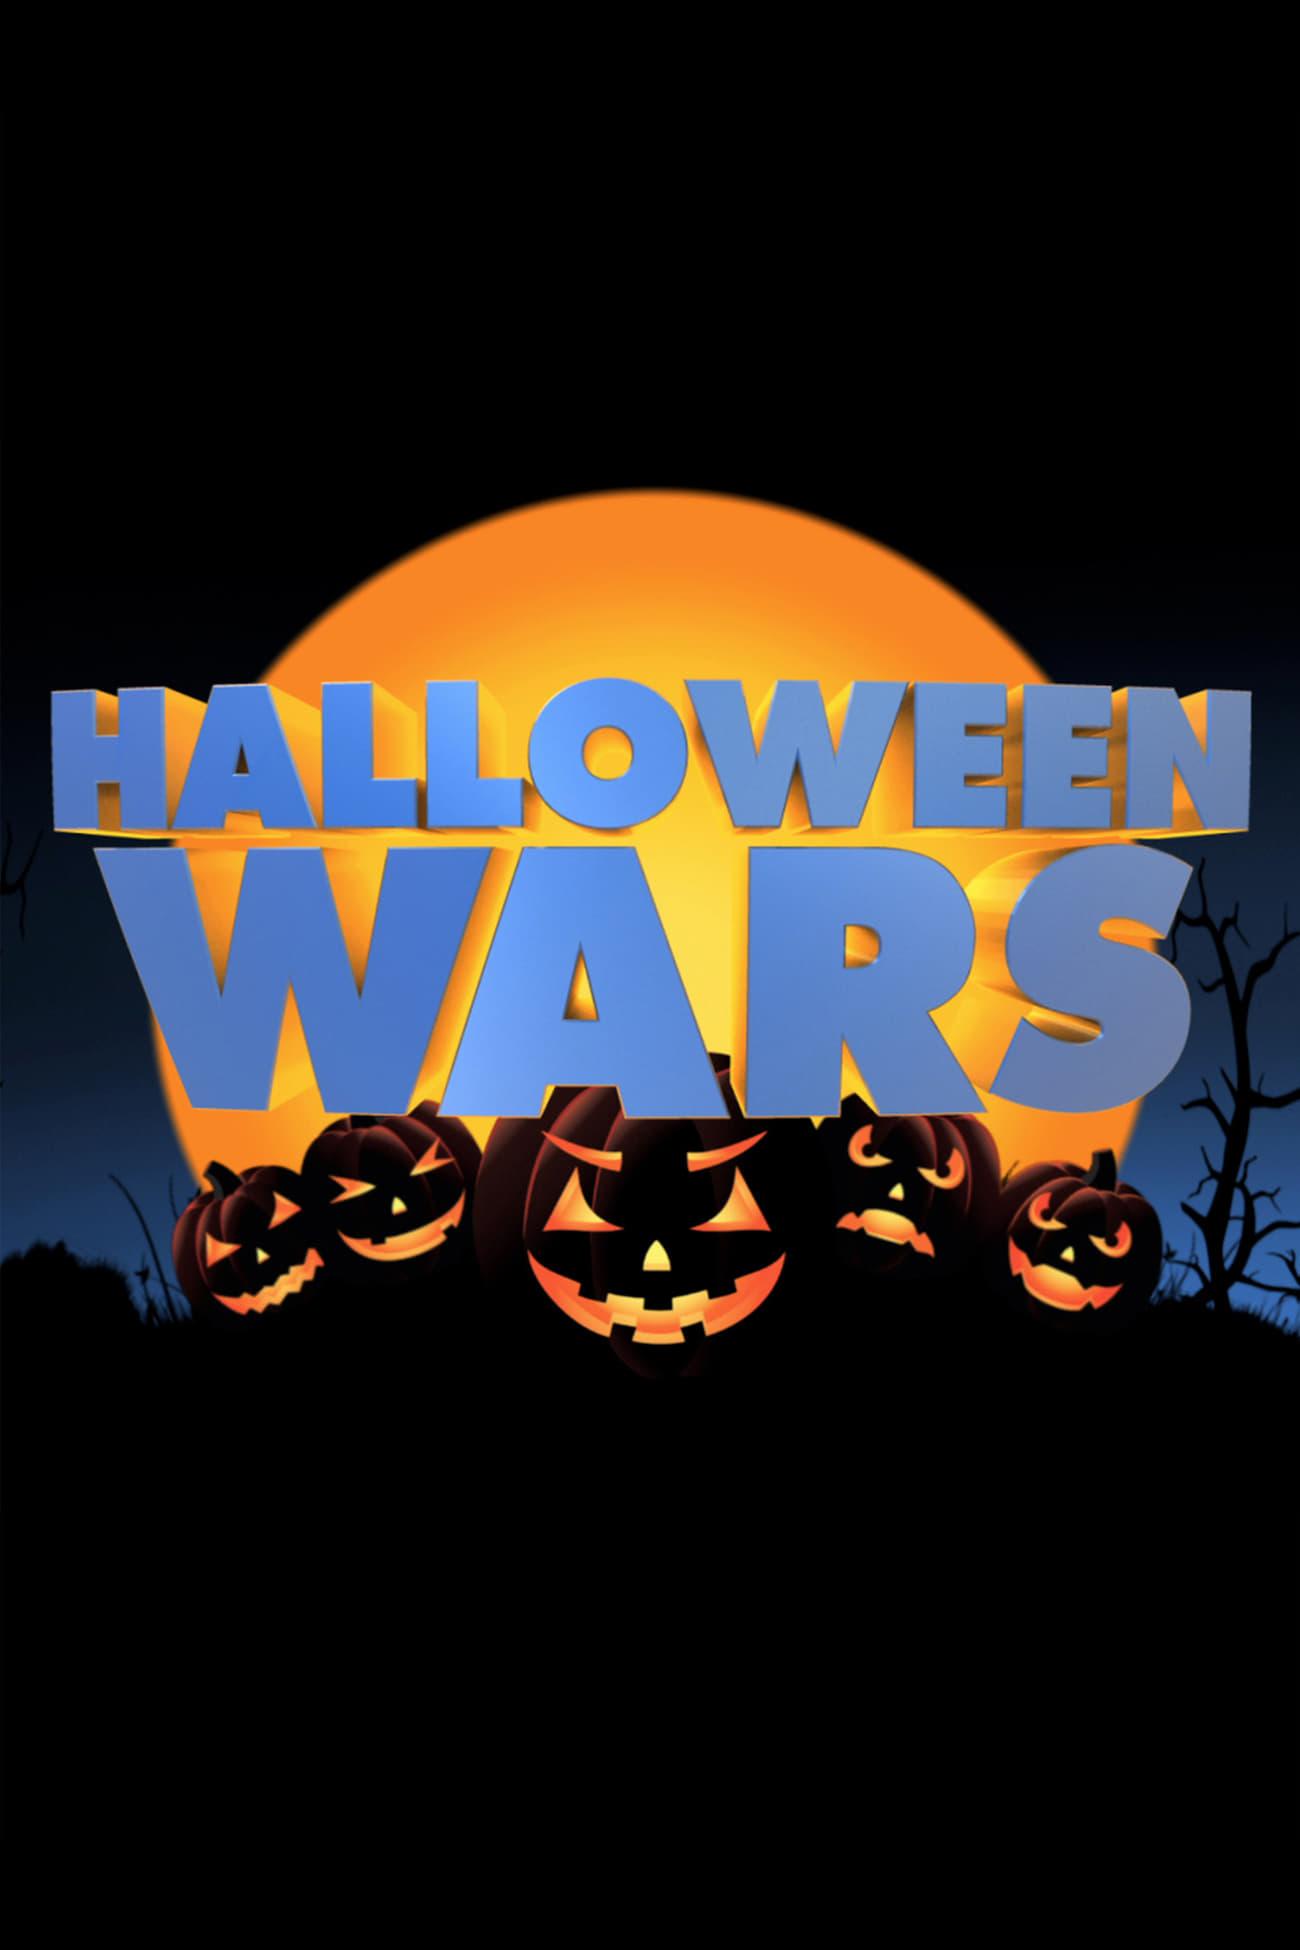 watch halloween wars 2011 season 3 episode 4 (s03e04) putlocker